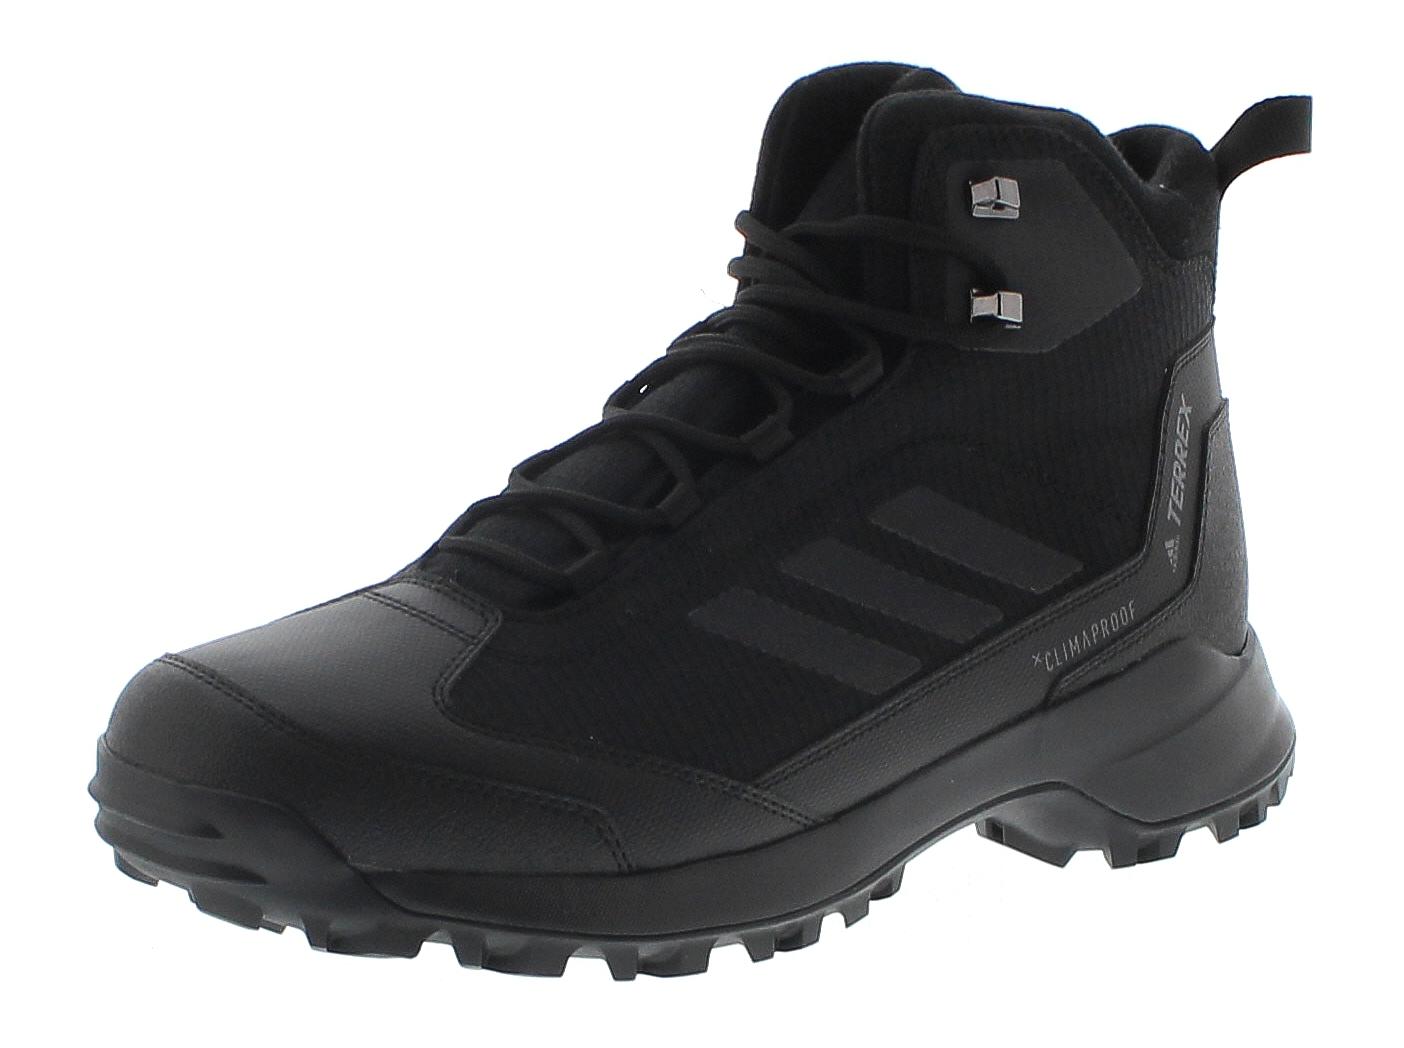 Adidas AC7841 Terrex Heron MID Black Herren Wanderstiefel - Schwarz